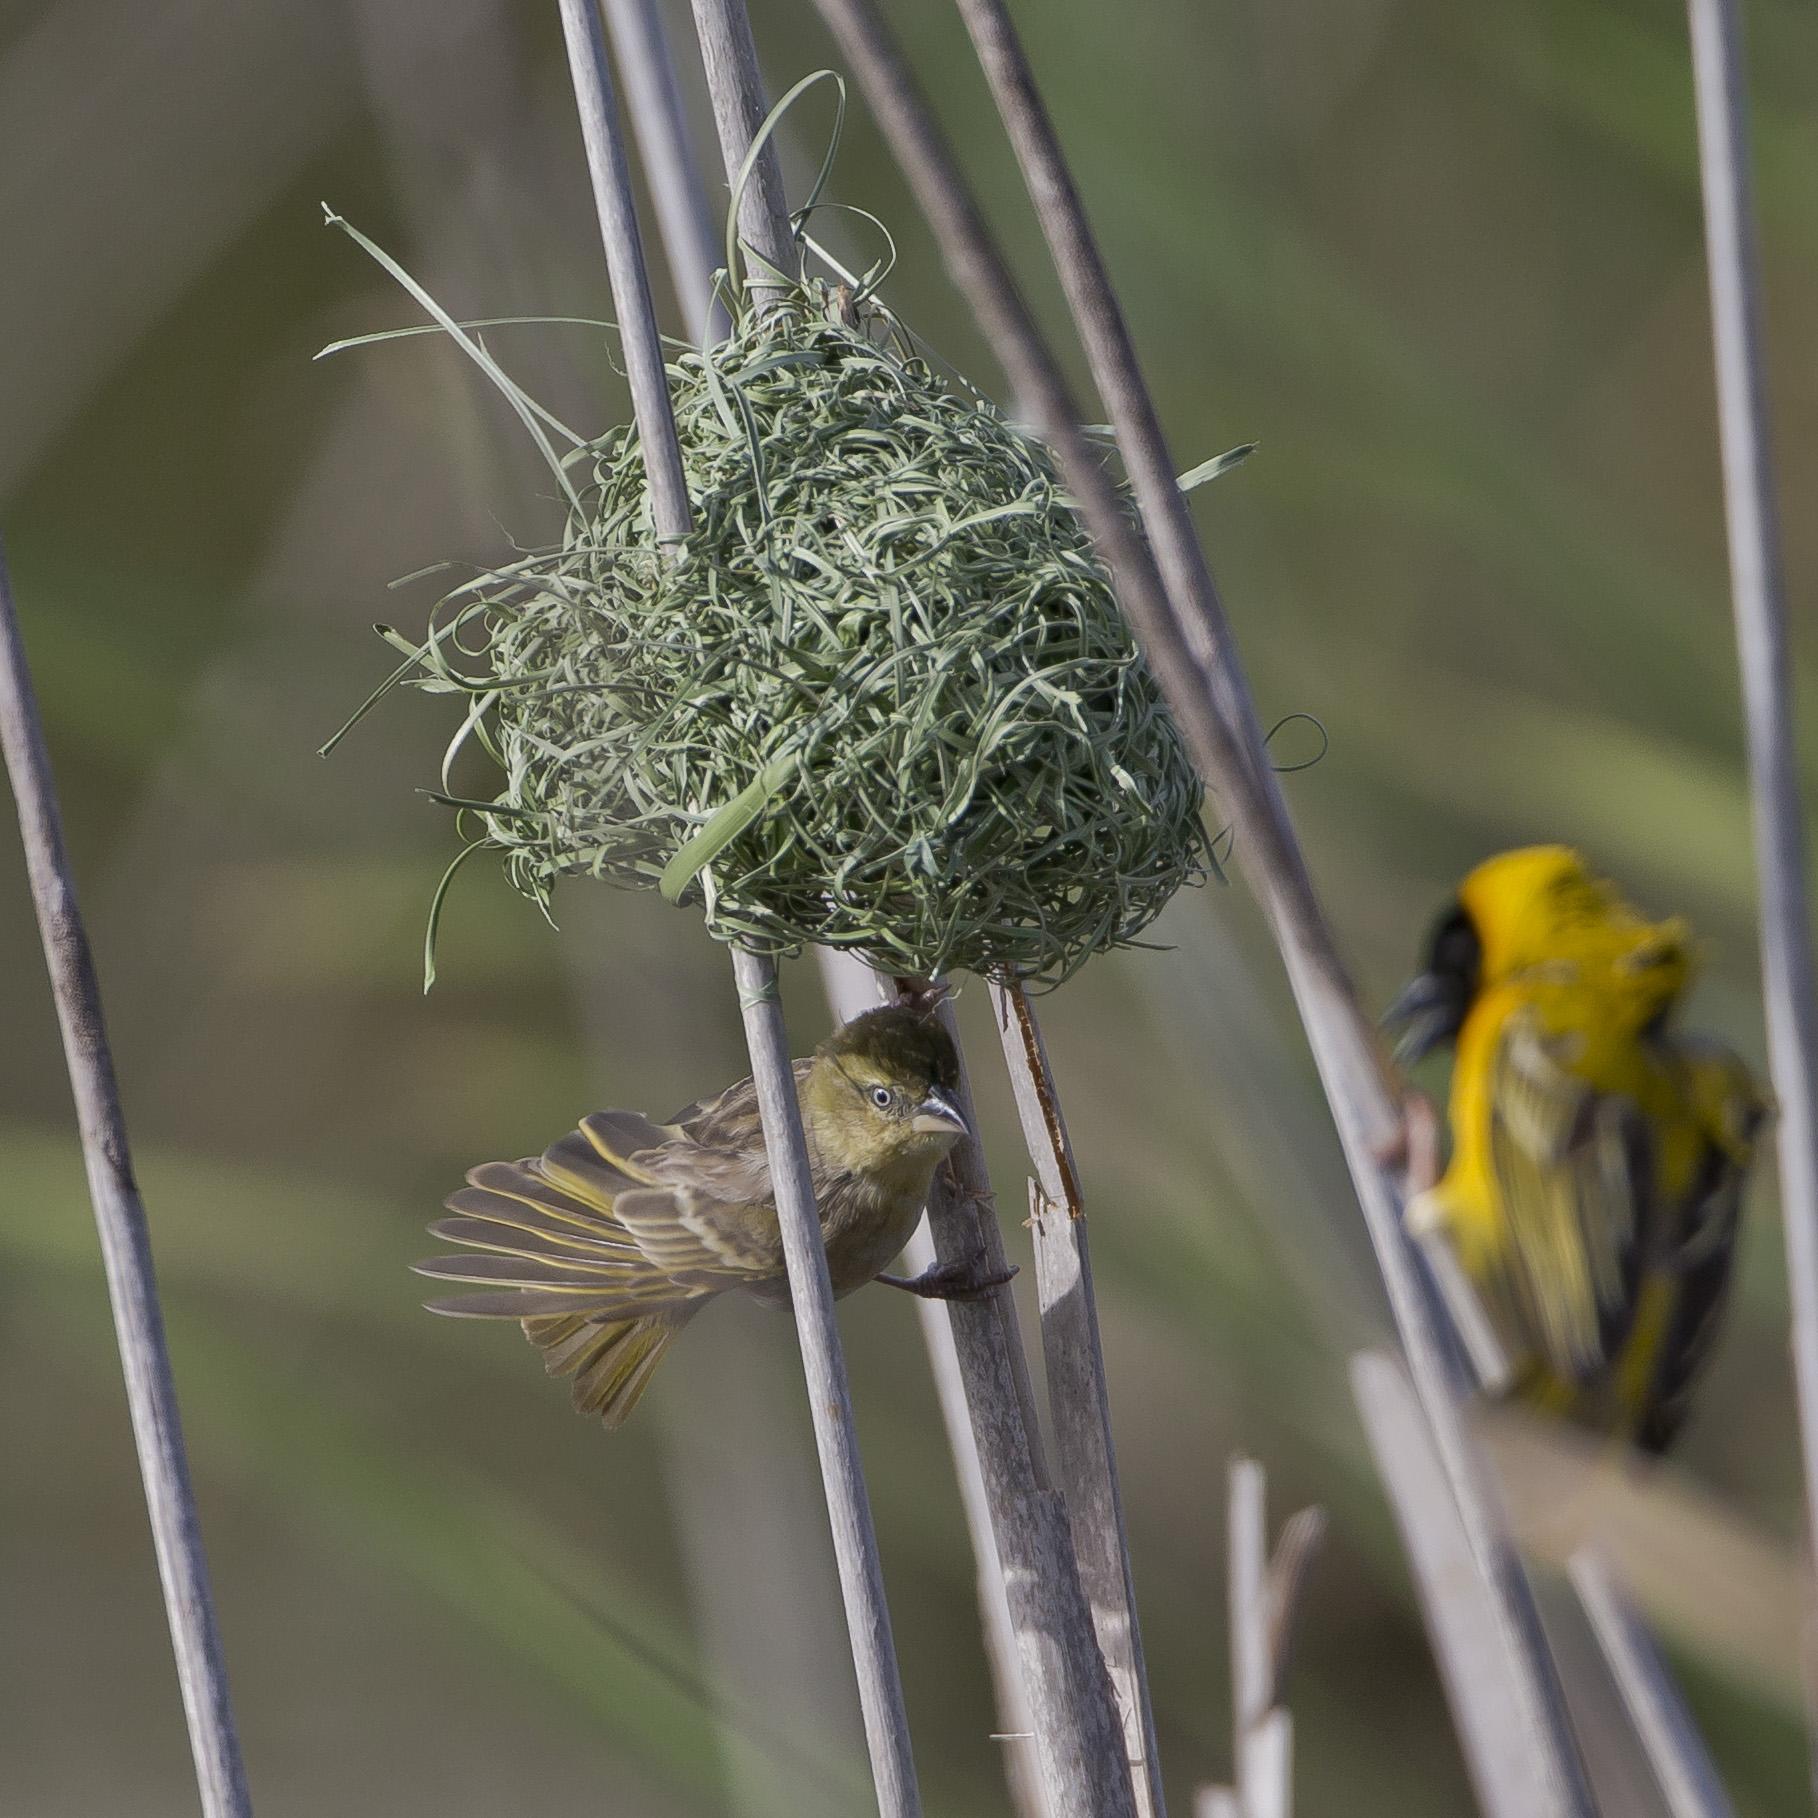 ... andernfalls wird das Nest von den Weibchen ignoriert und das Männchen zerstört letztendlich sein selbstgebautes Nest.